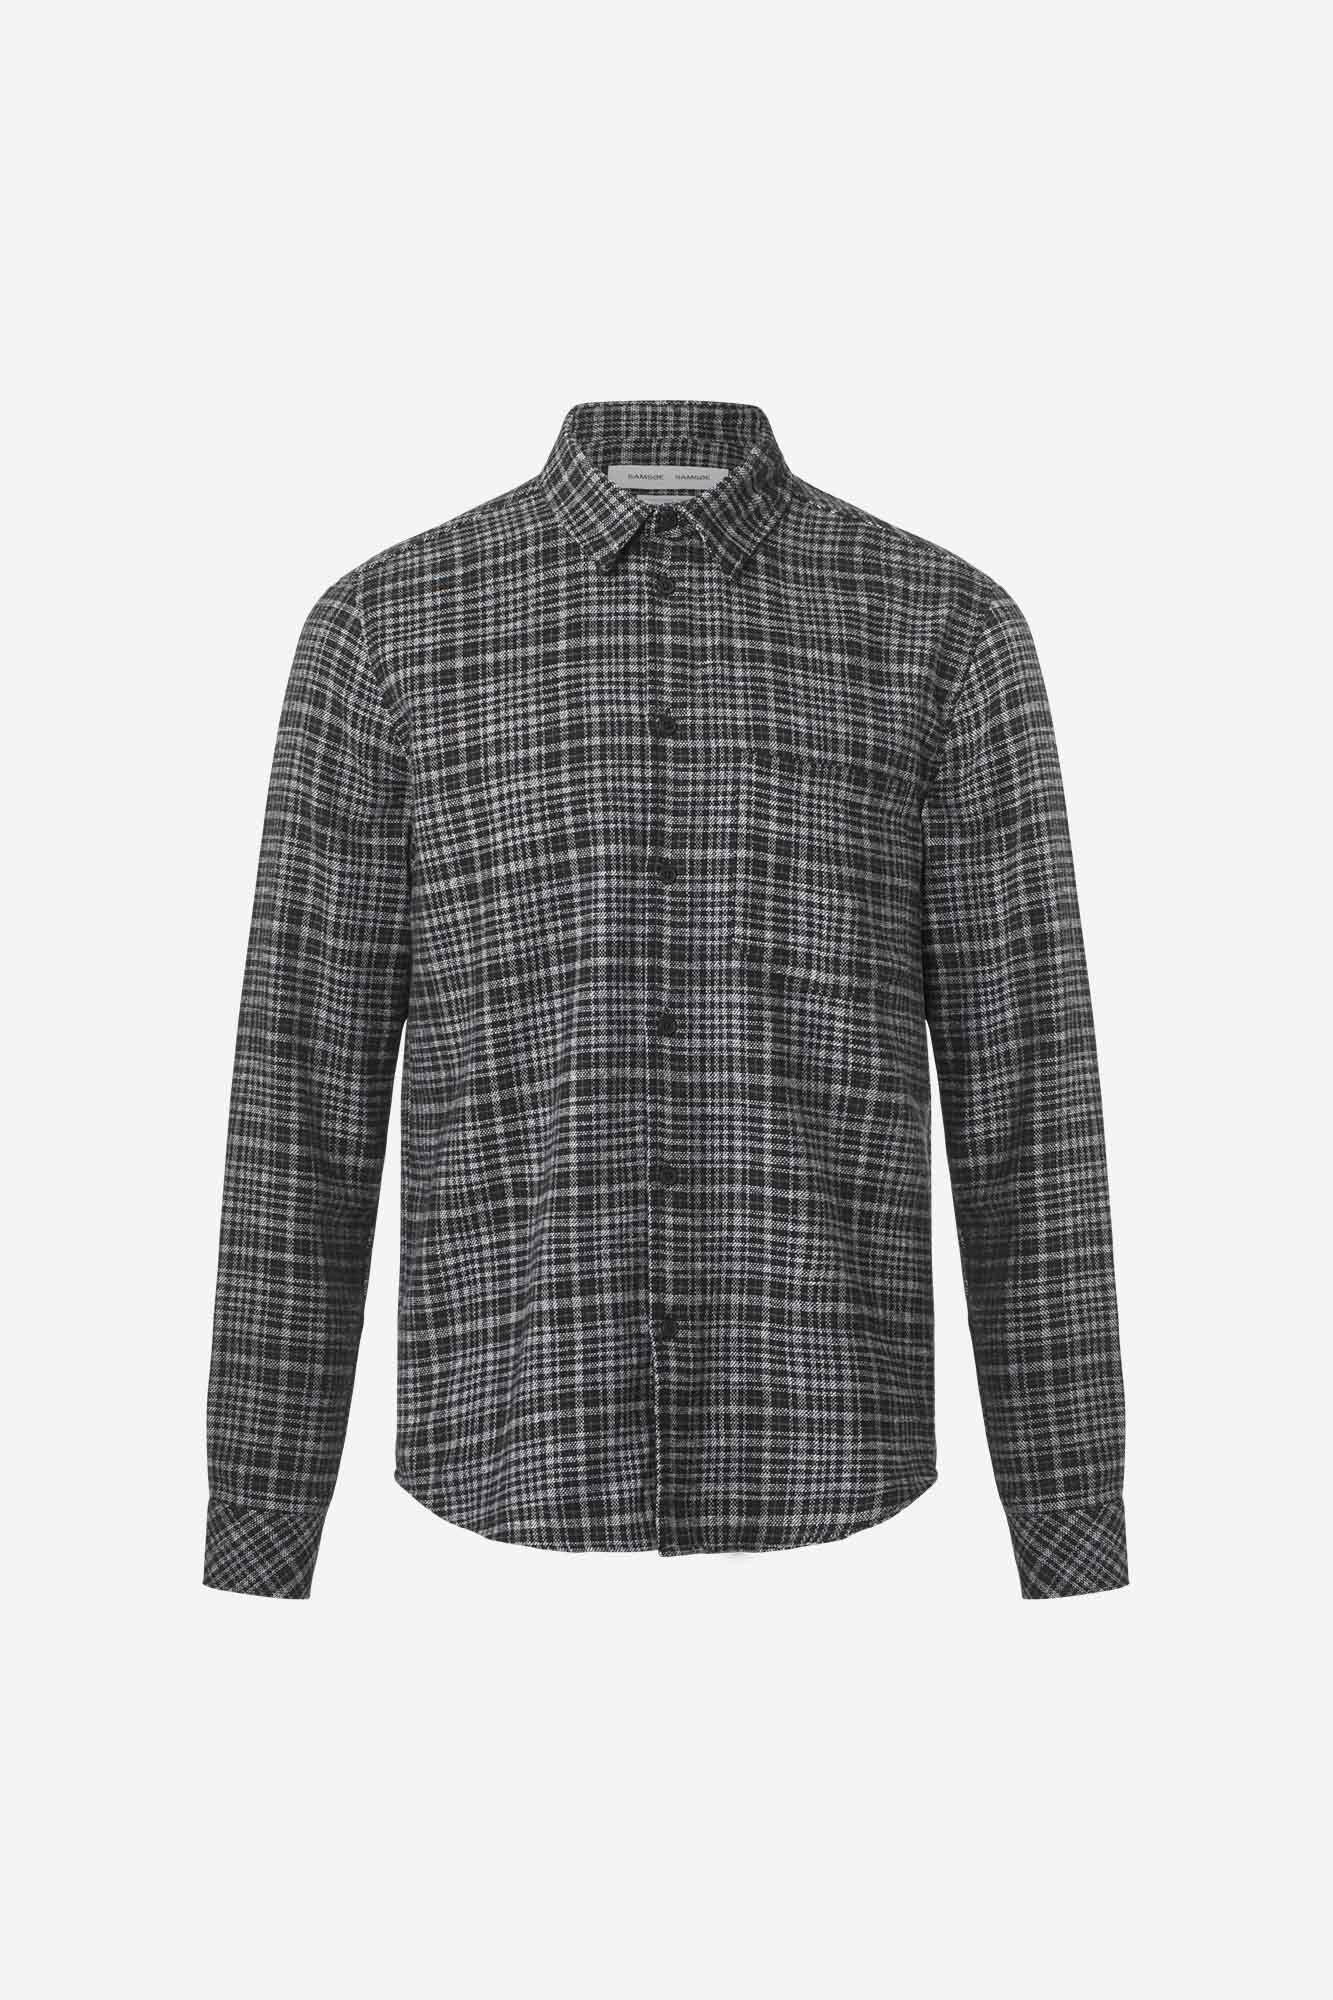 Liam NP shirt 7383, DEEP DEPTHS CH.